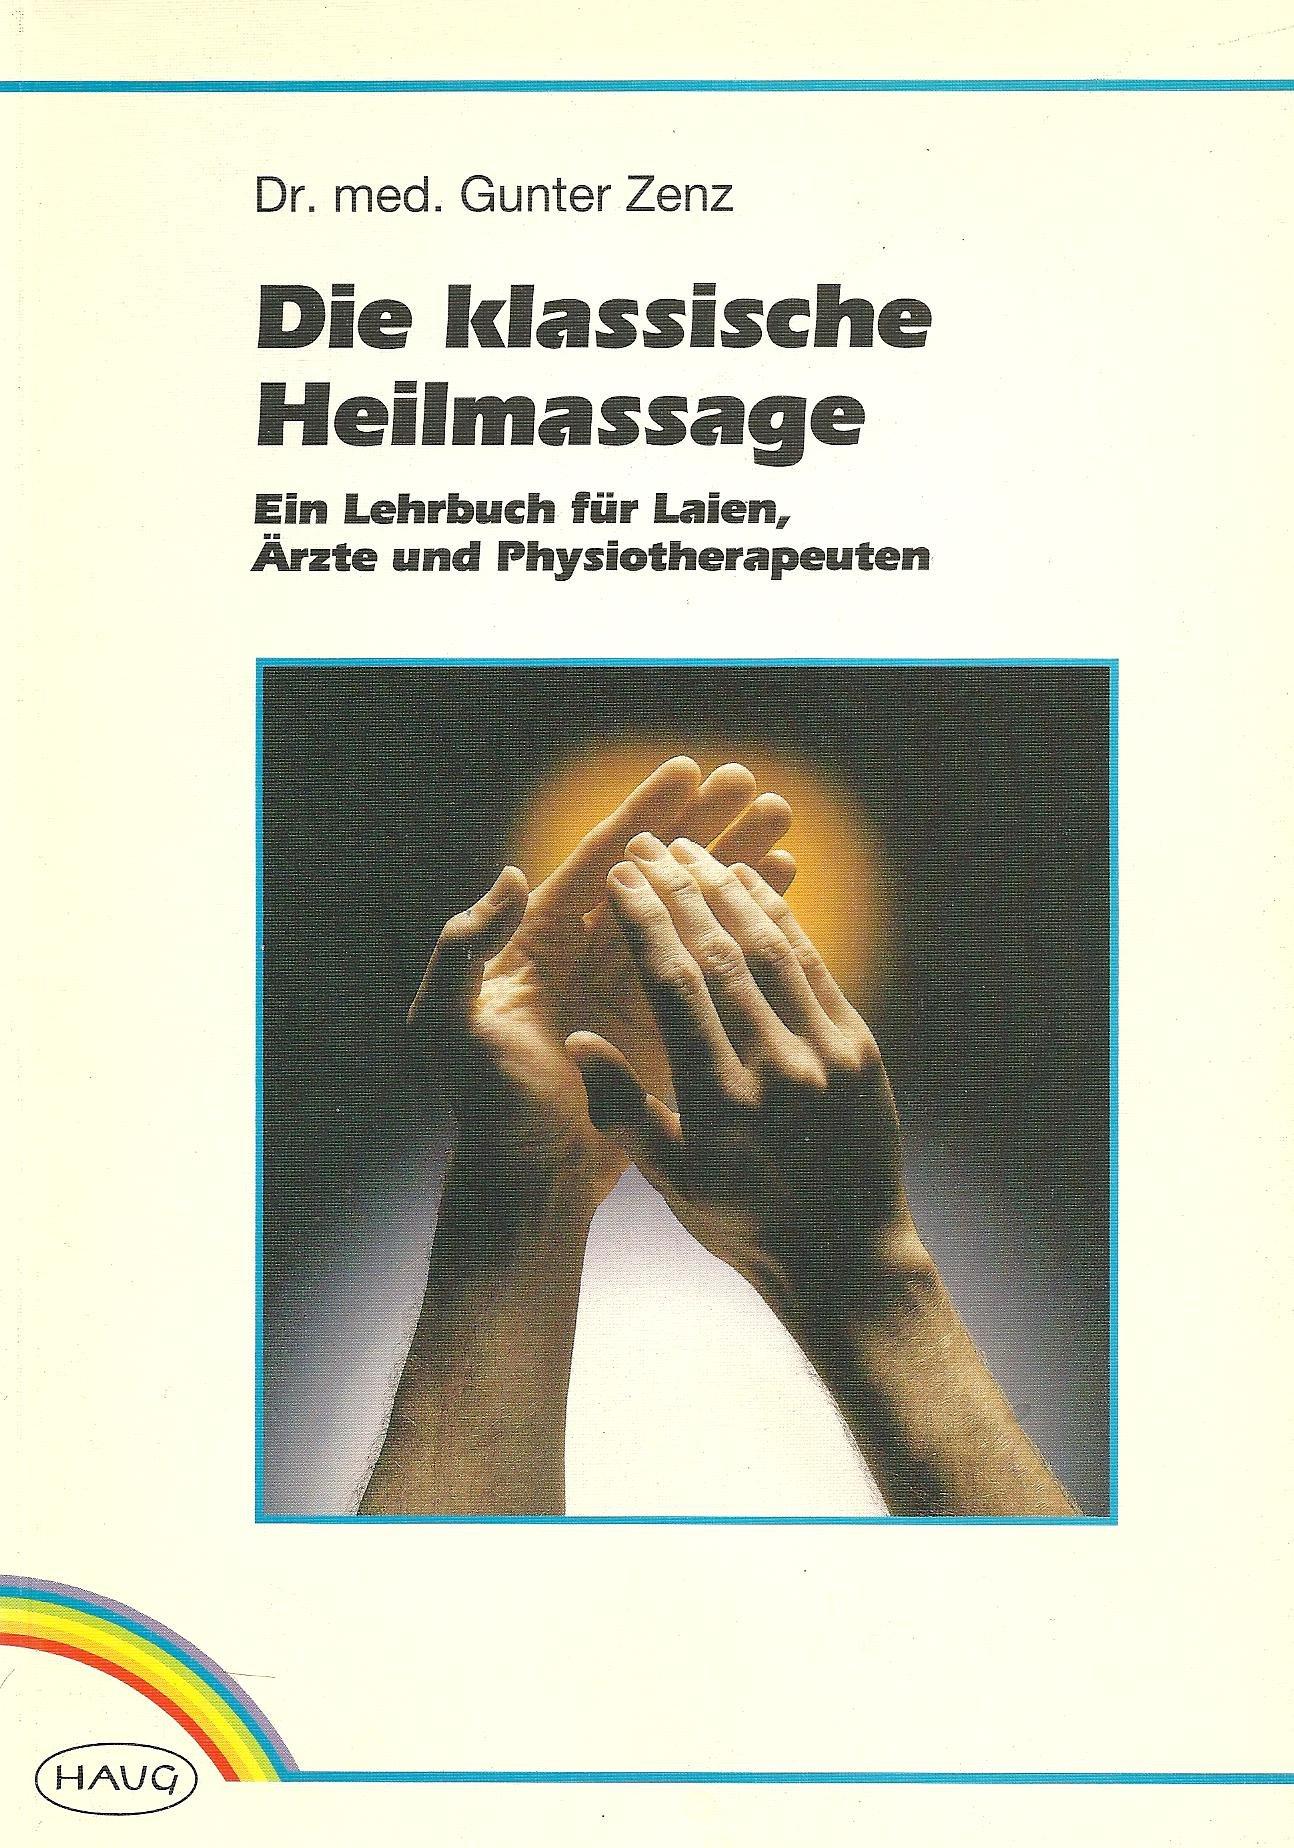 Die klassische Heilmassage. Ein Lehrbuch für Laien, Ärzte und Physiotherapeuten